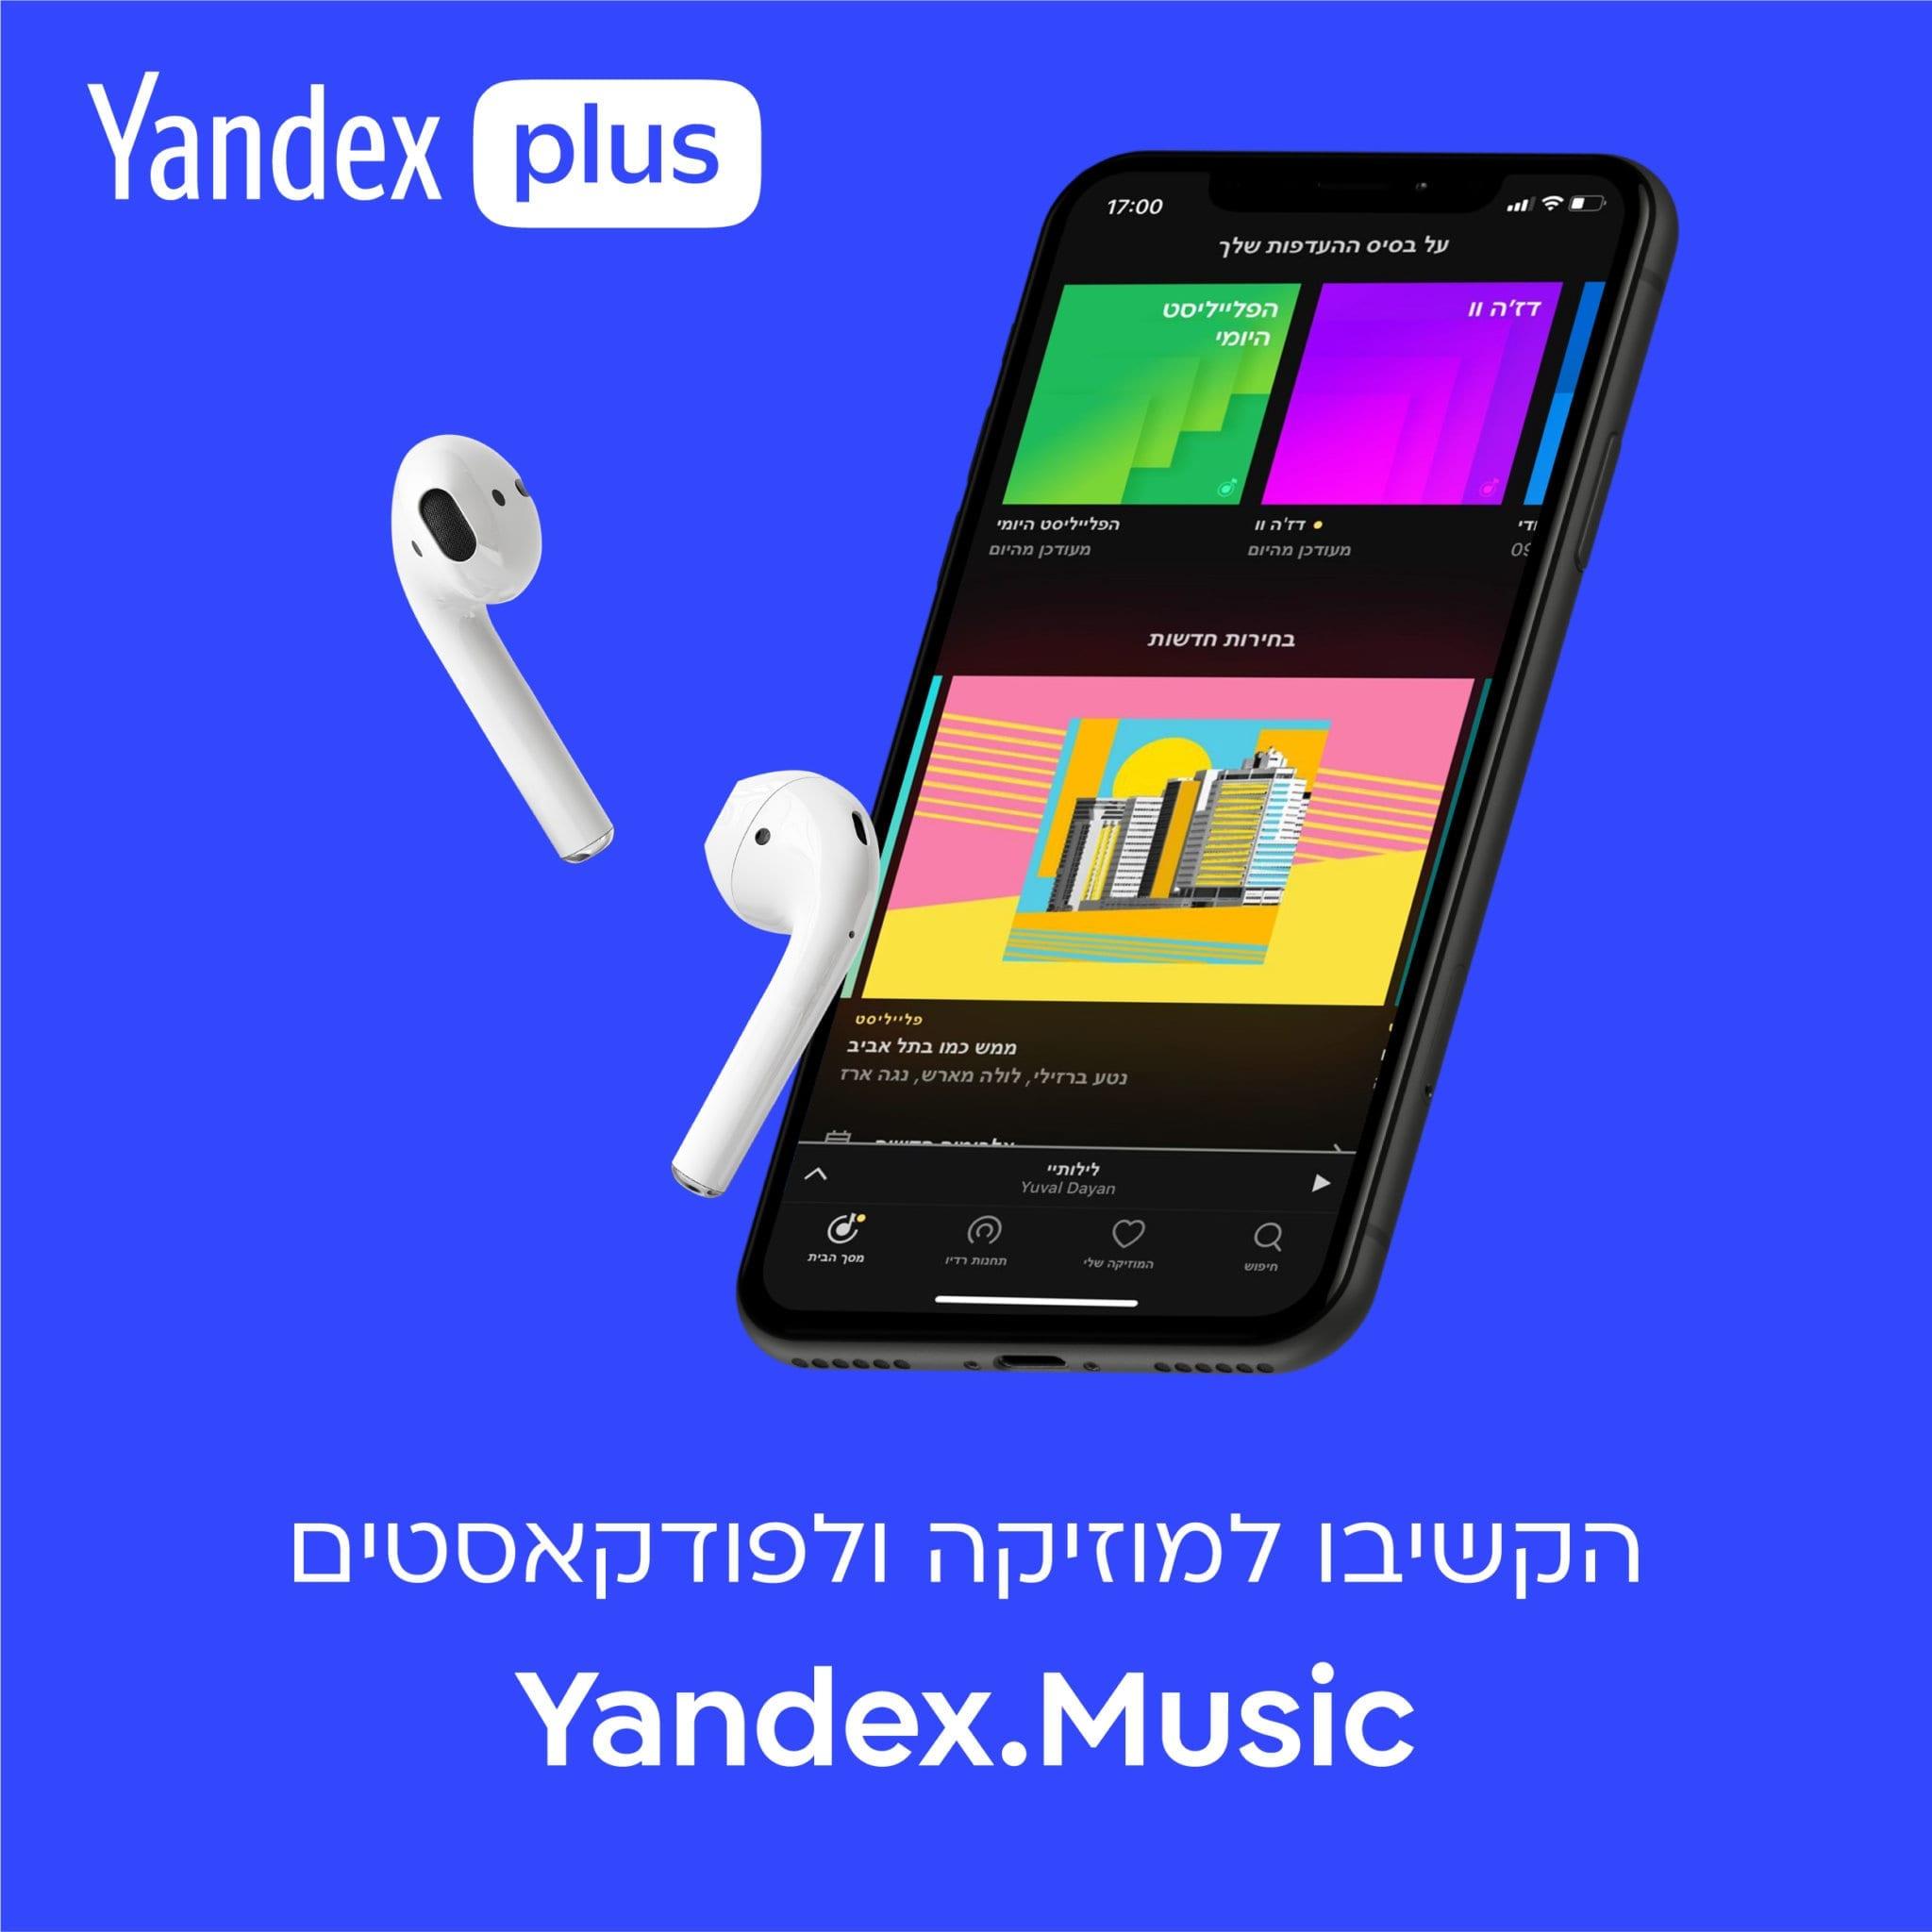 Yandex Music Plus